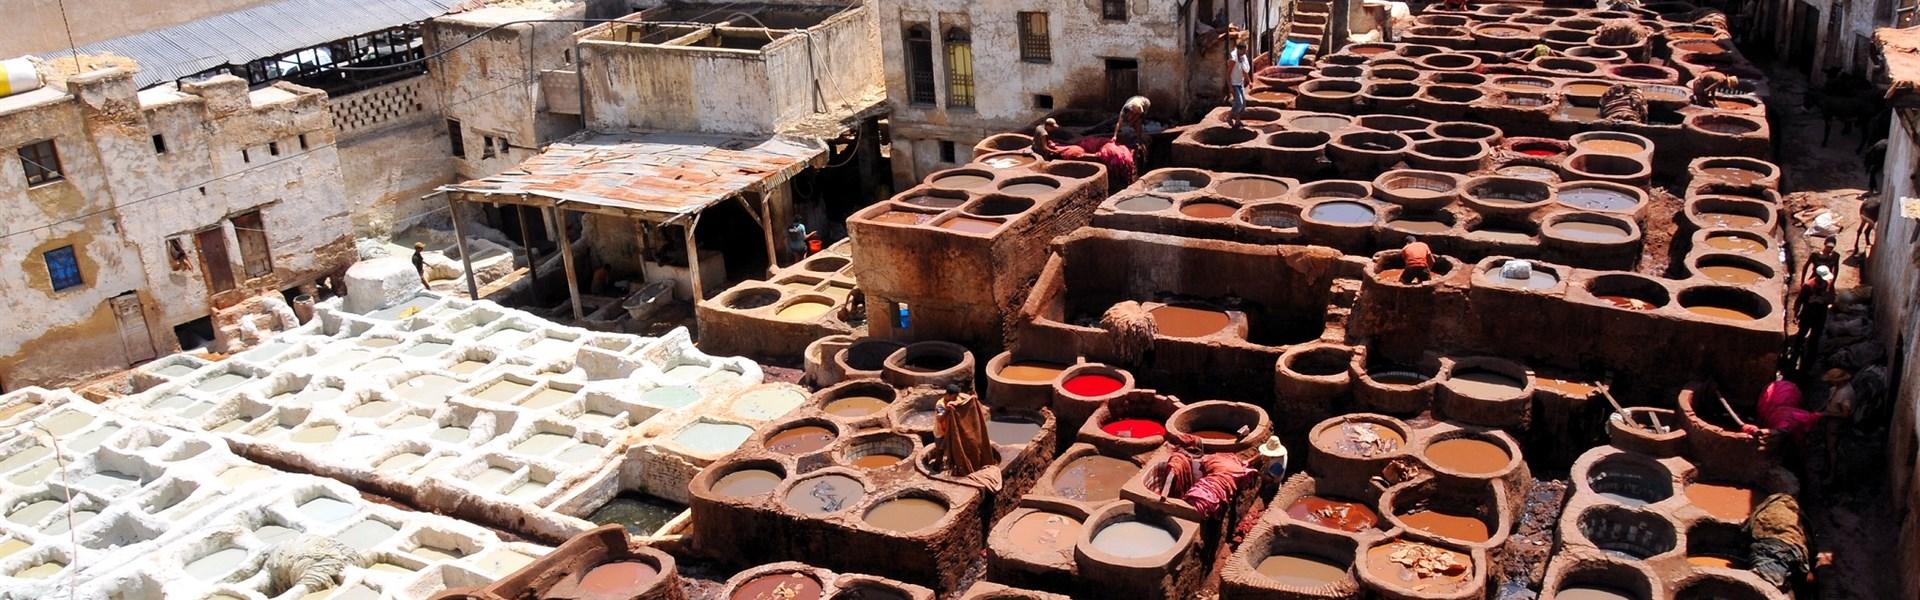 Královská cesta Marokem s českým průvodcem